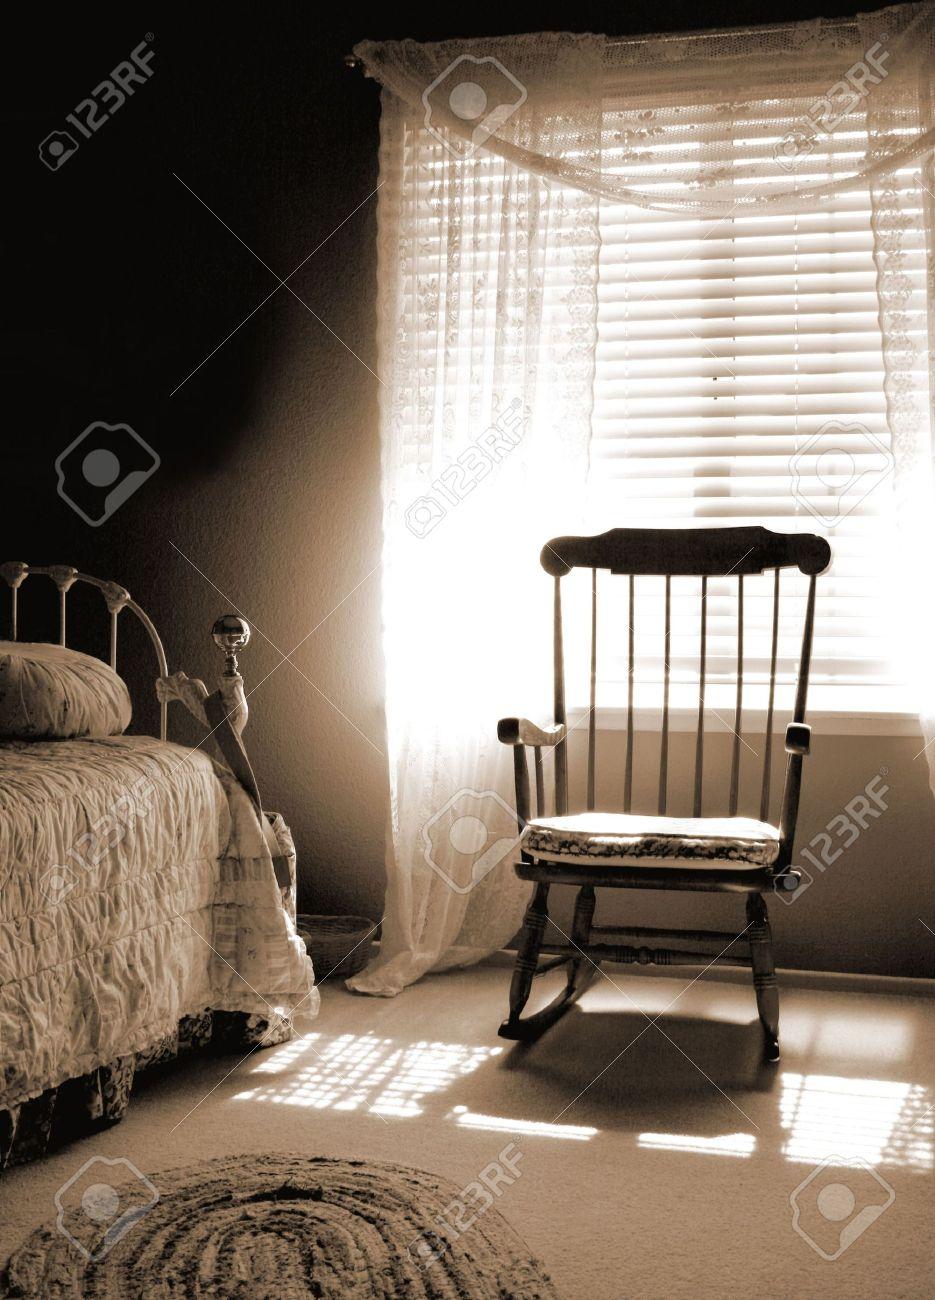 faszinierende vintage schlafzimmermobel romantisch und sus, schlafzimmer vintage stil – vitaplaza, Design ideen